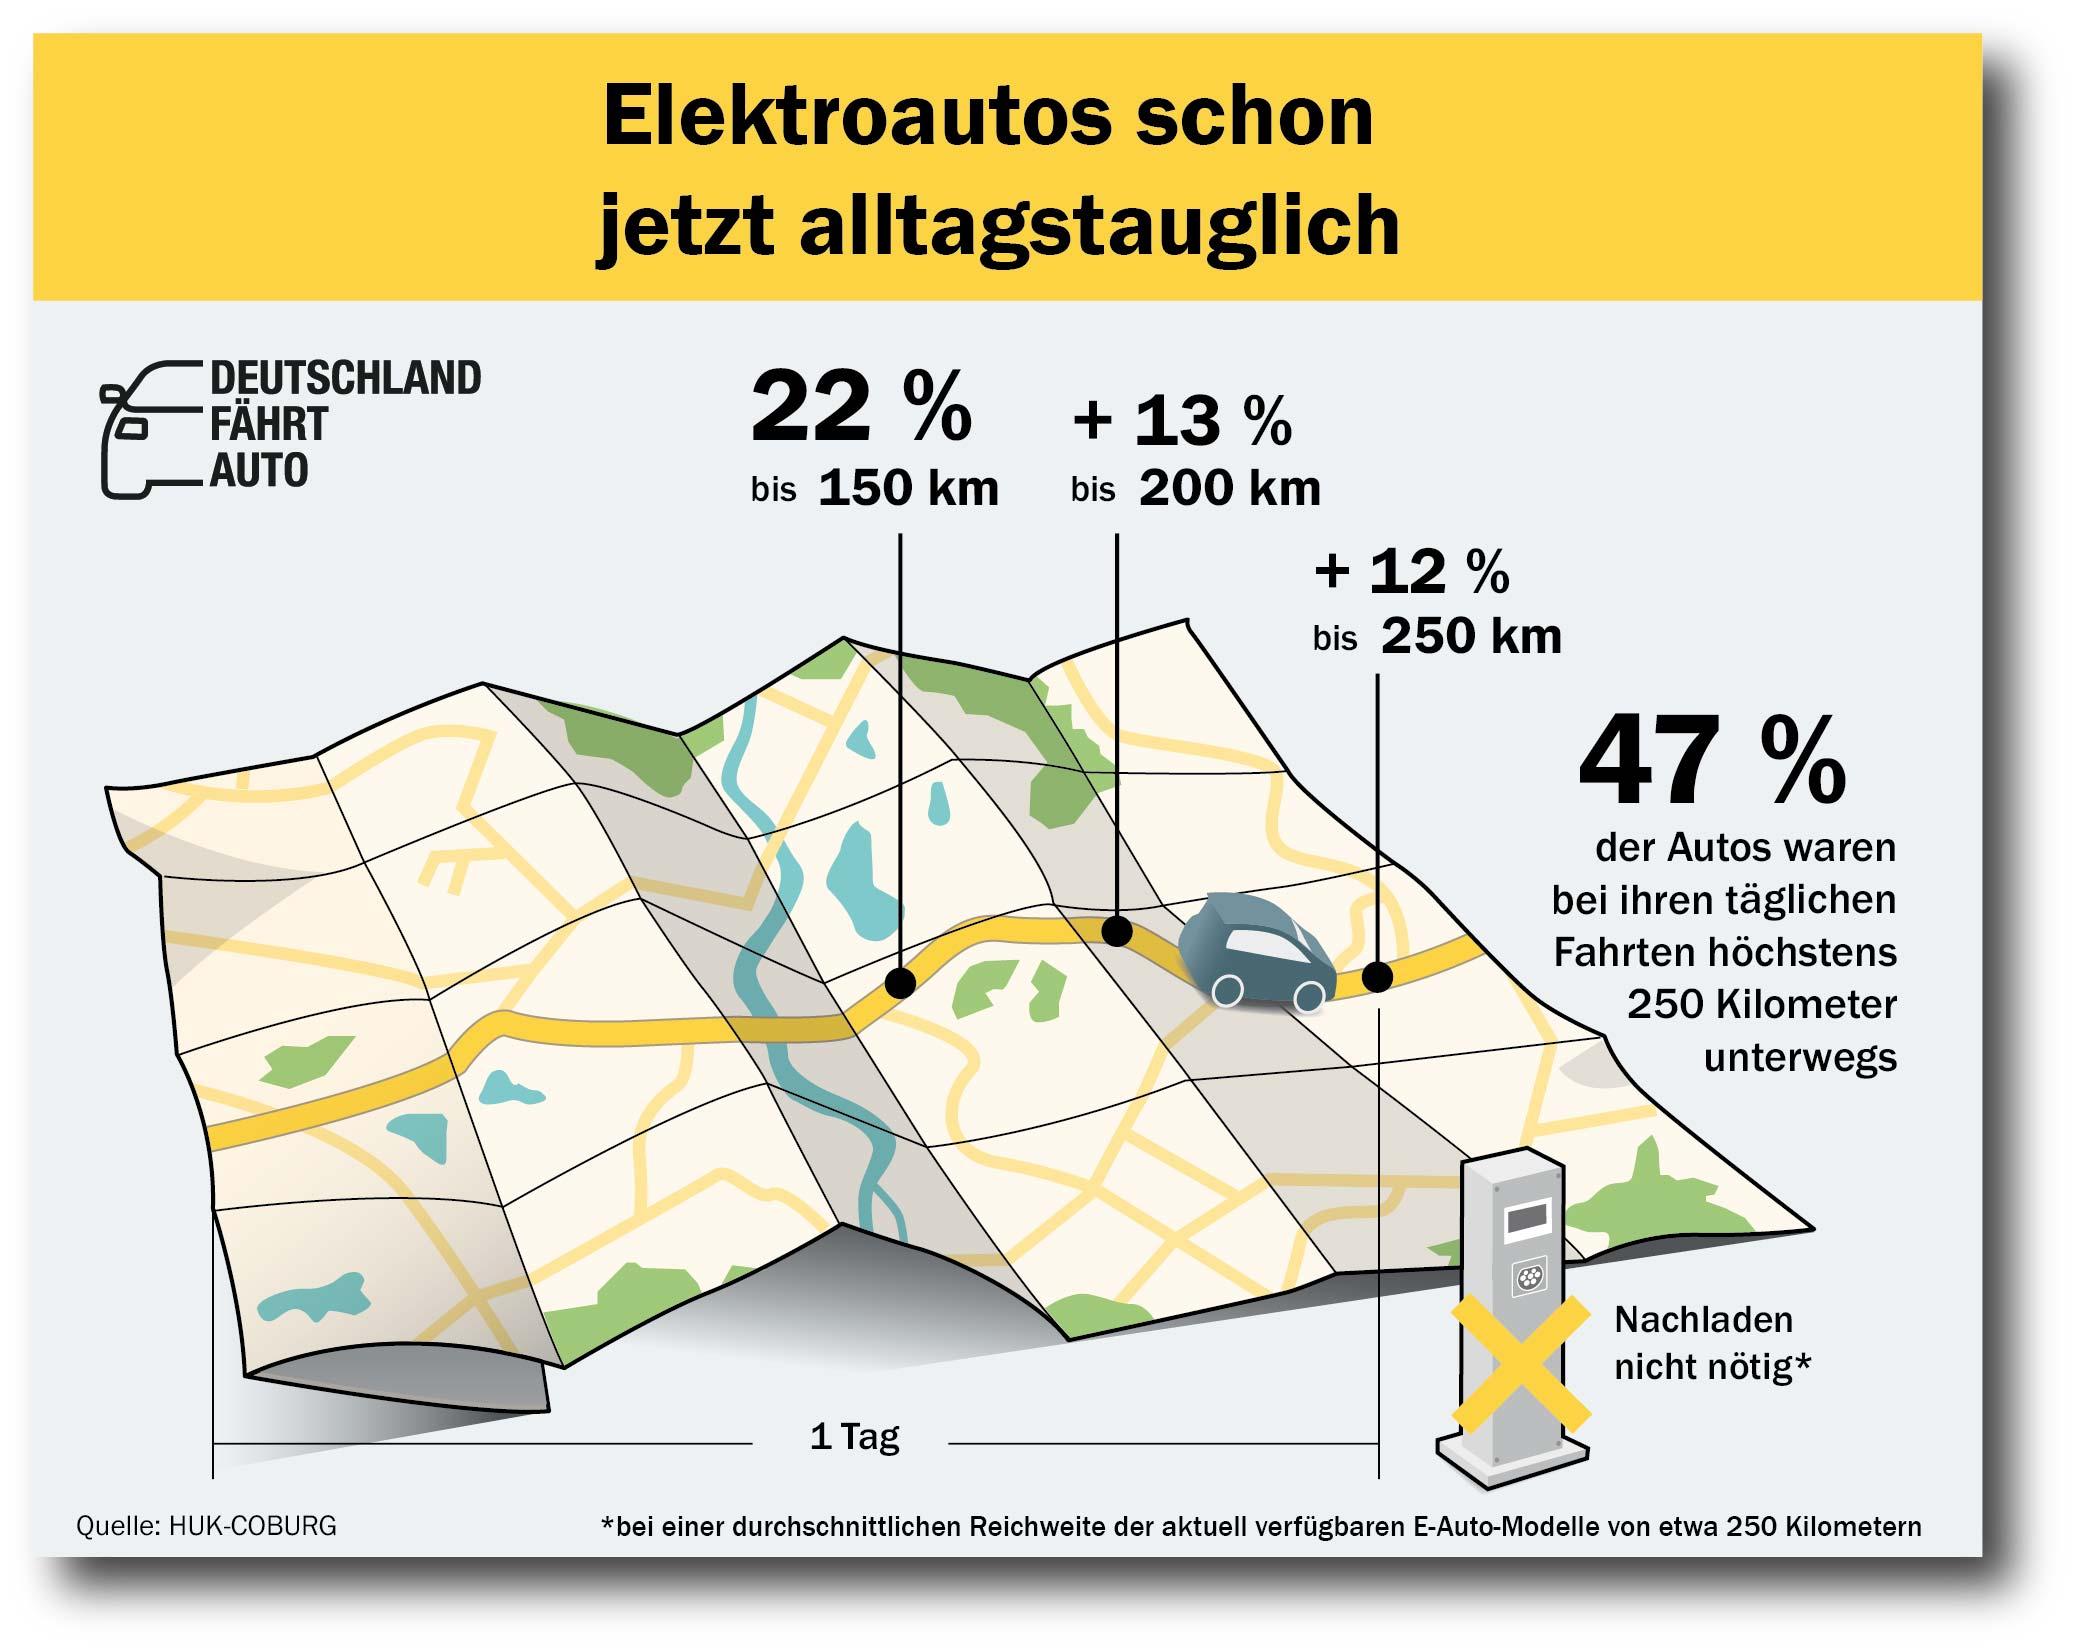 Elektroauto-Reichweite HUK Coburg